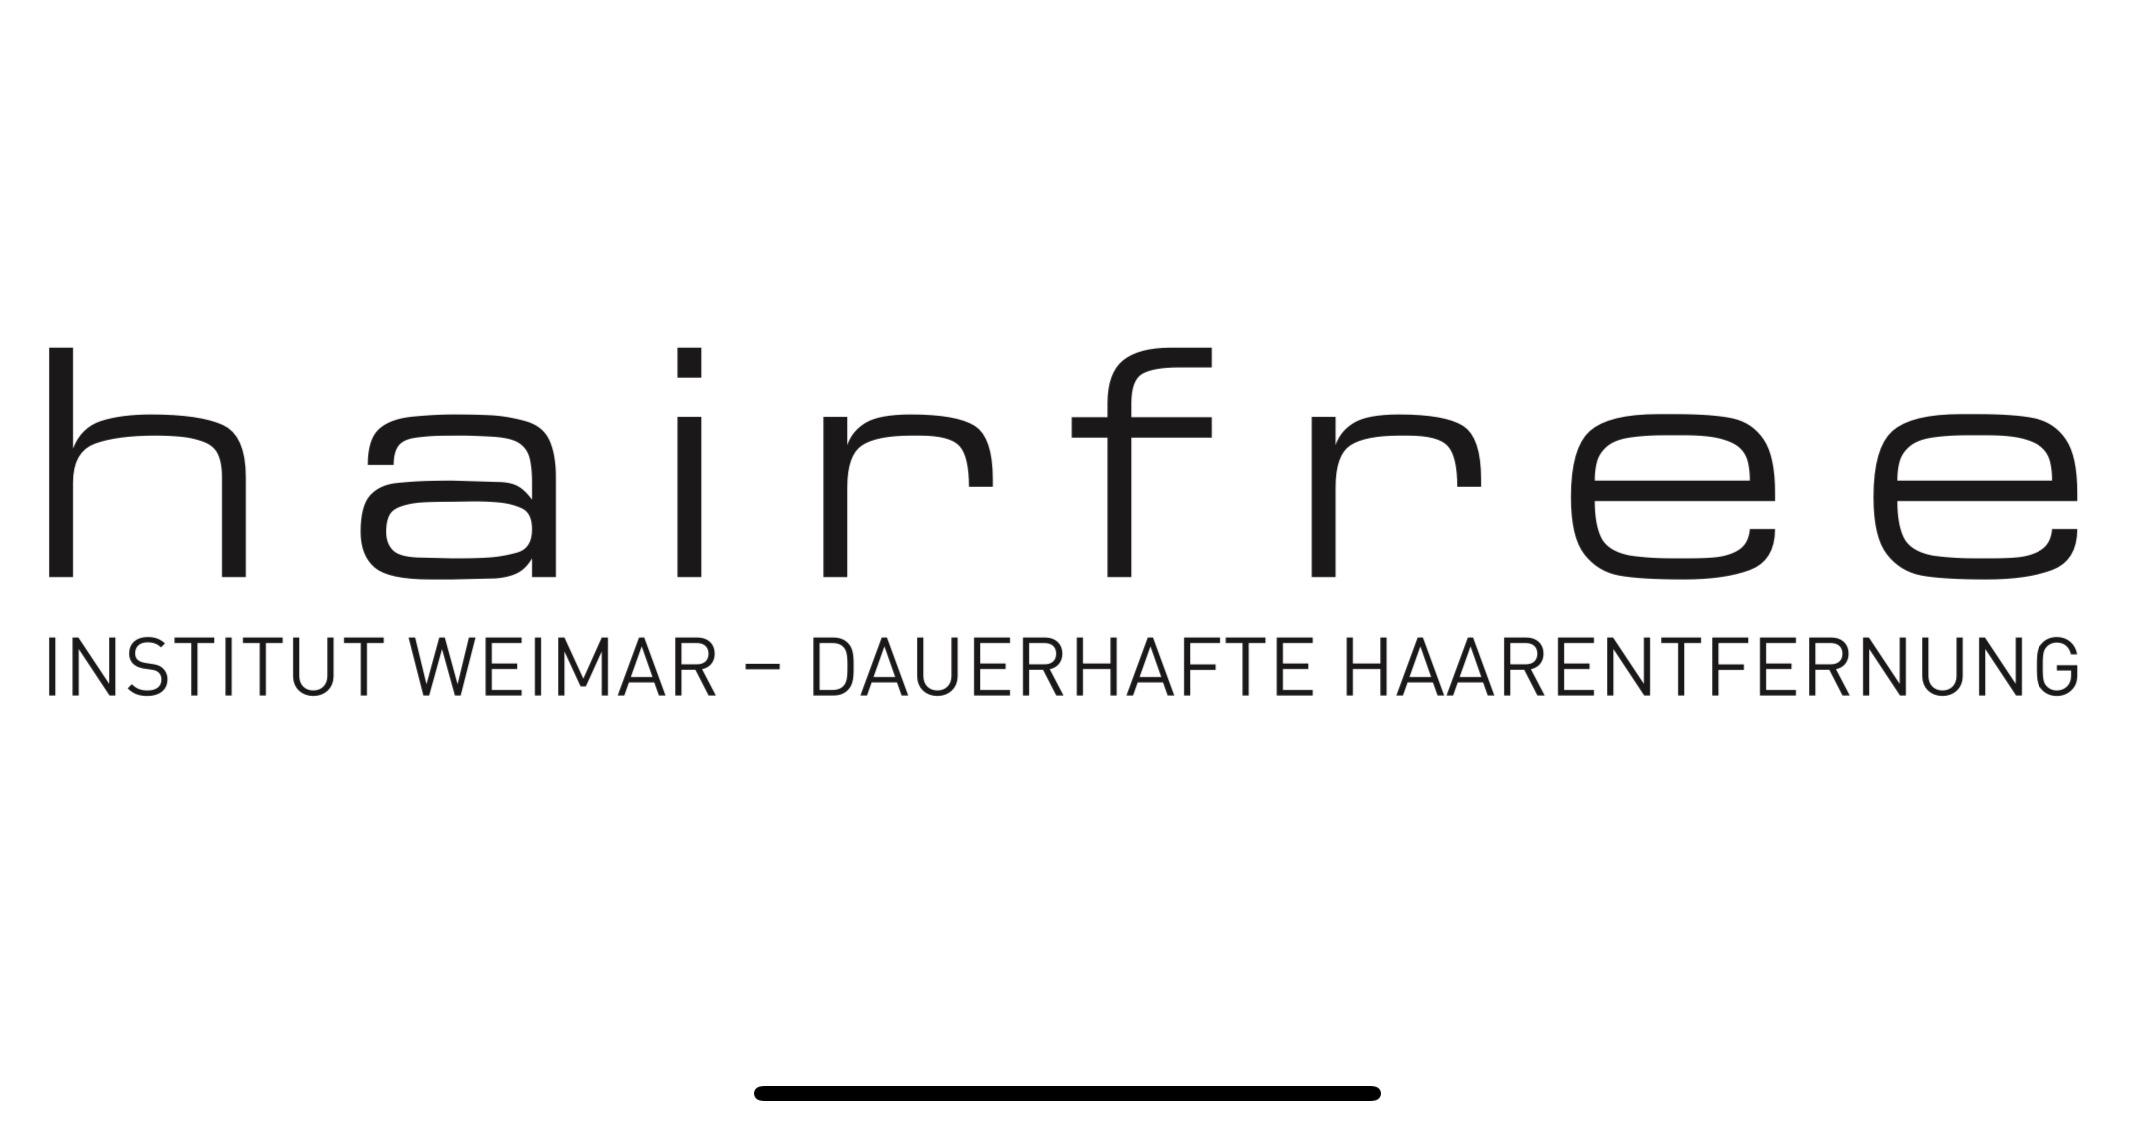 Hairfree Weimar